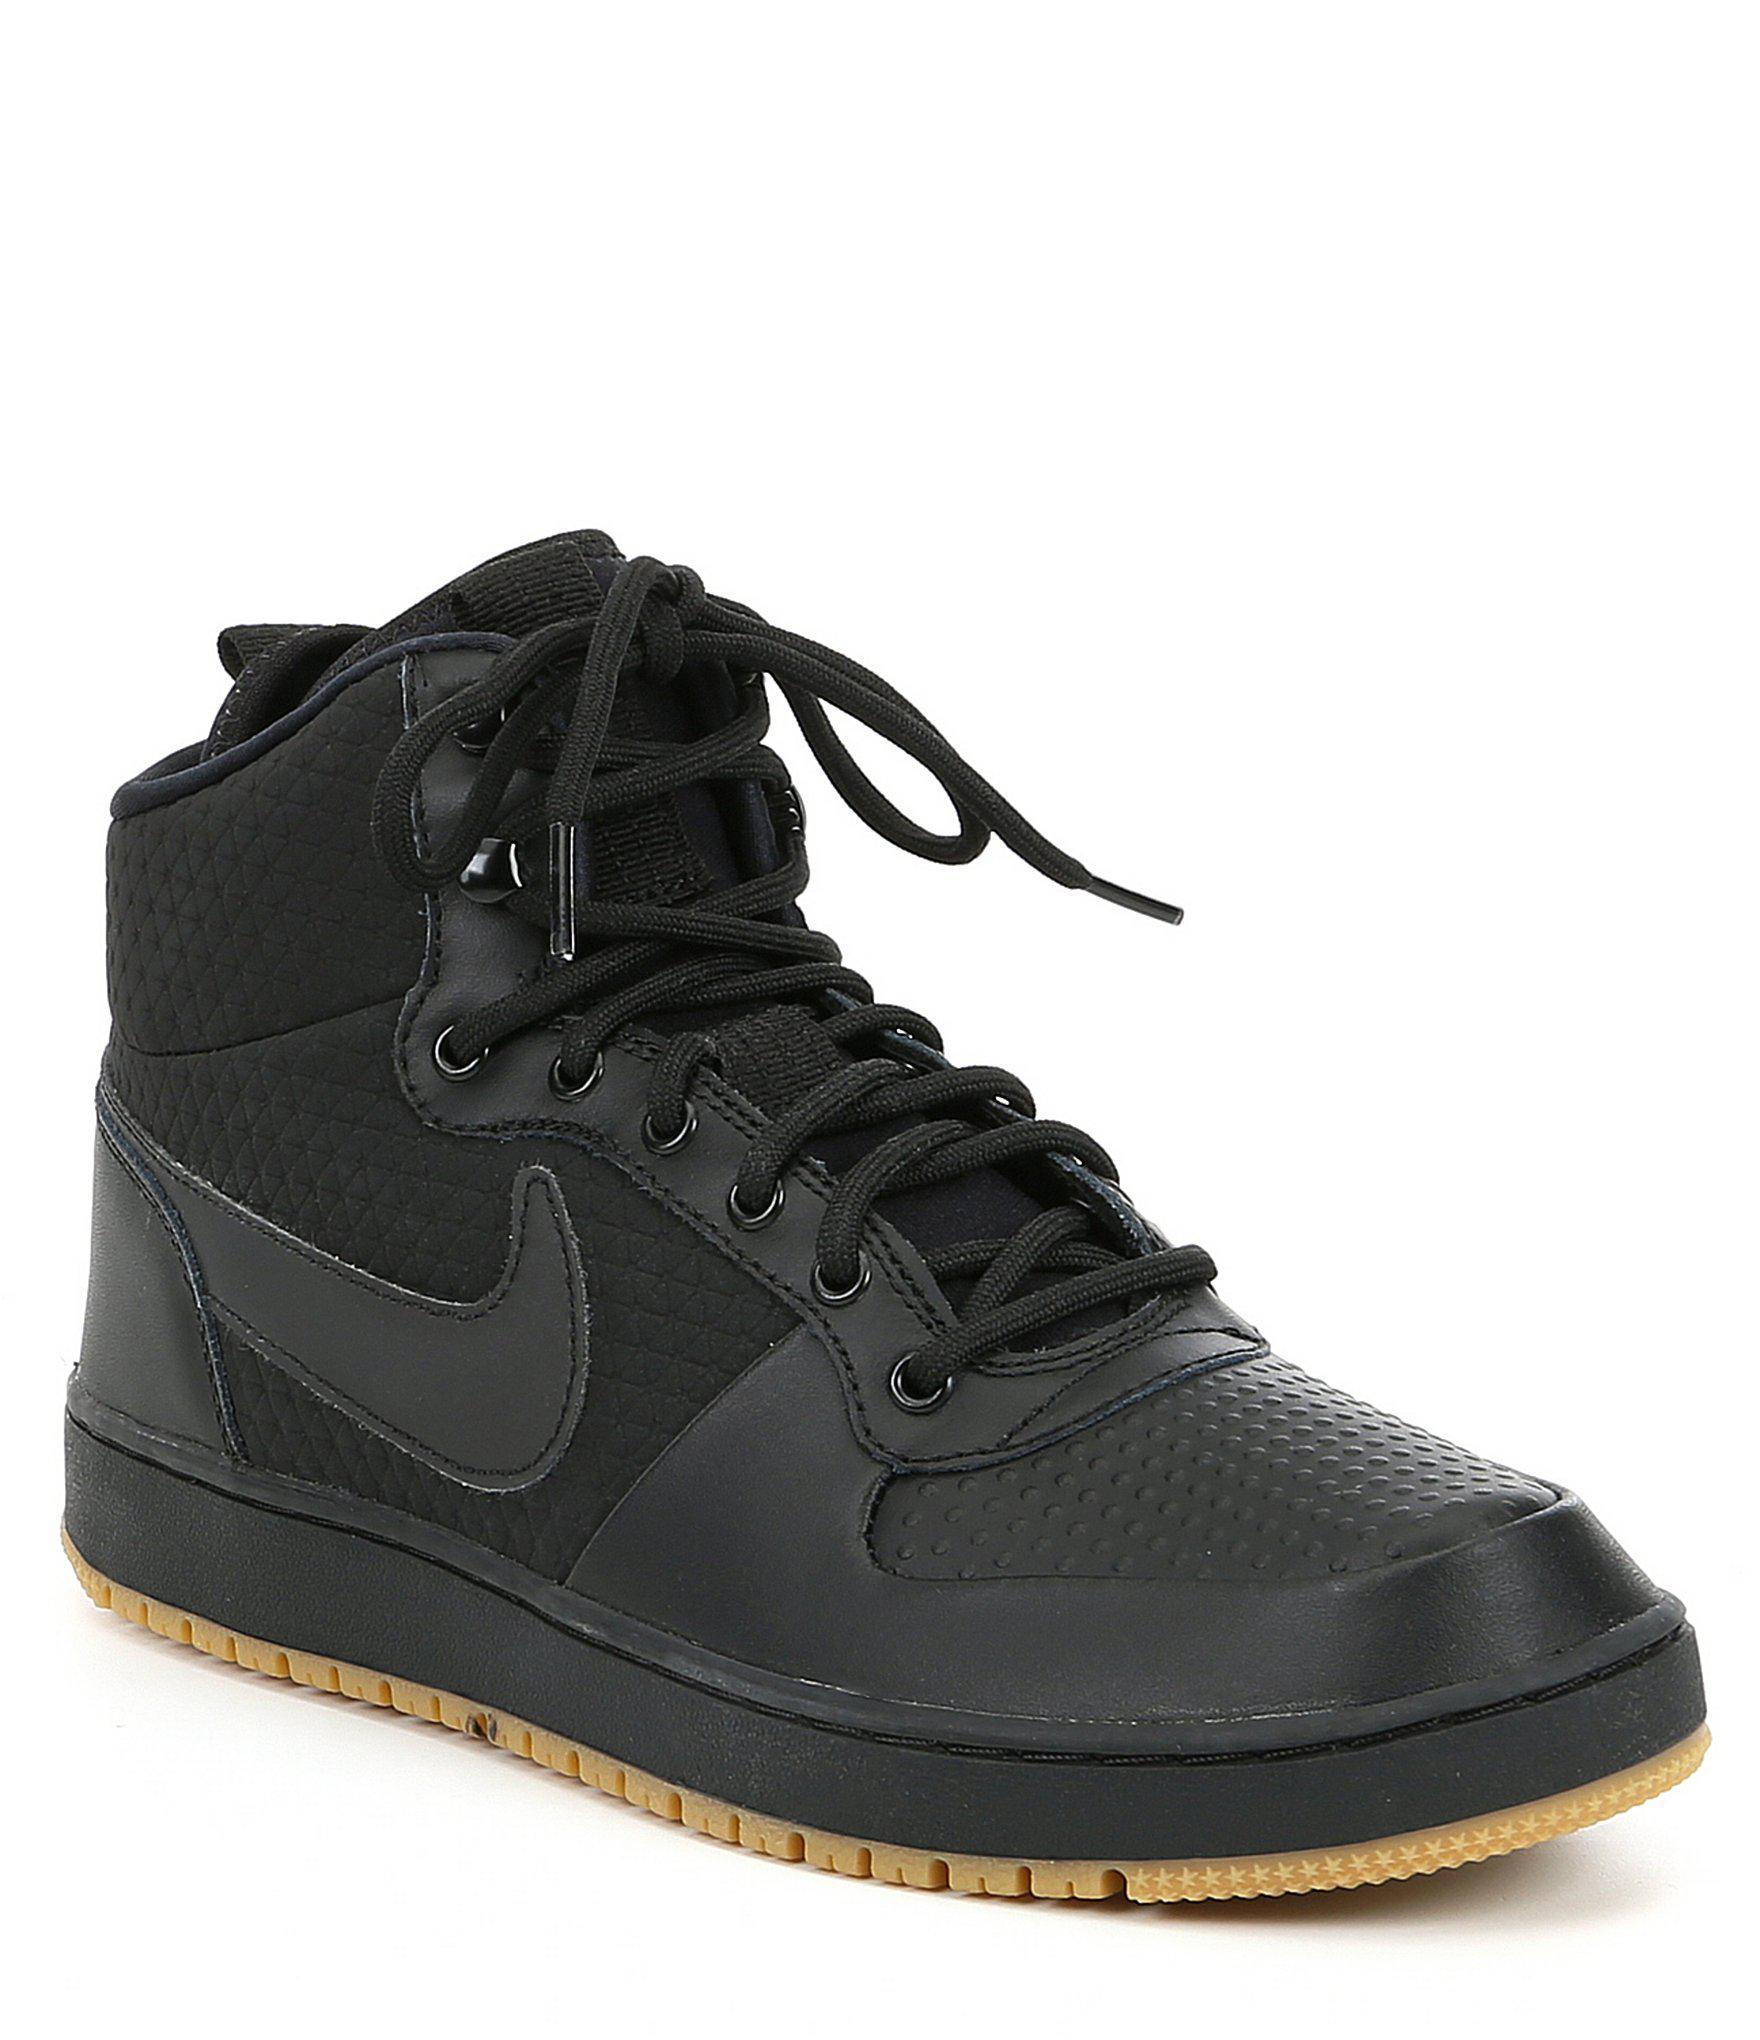 Nike Men's Ebernon Mid Black Leather Shoes